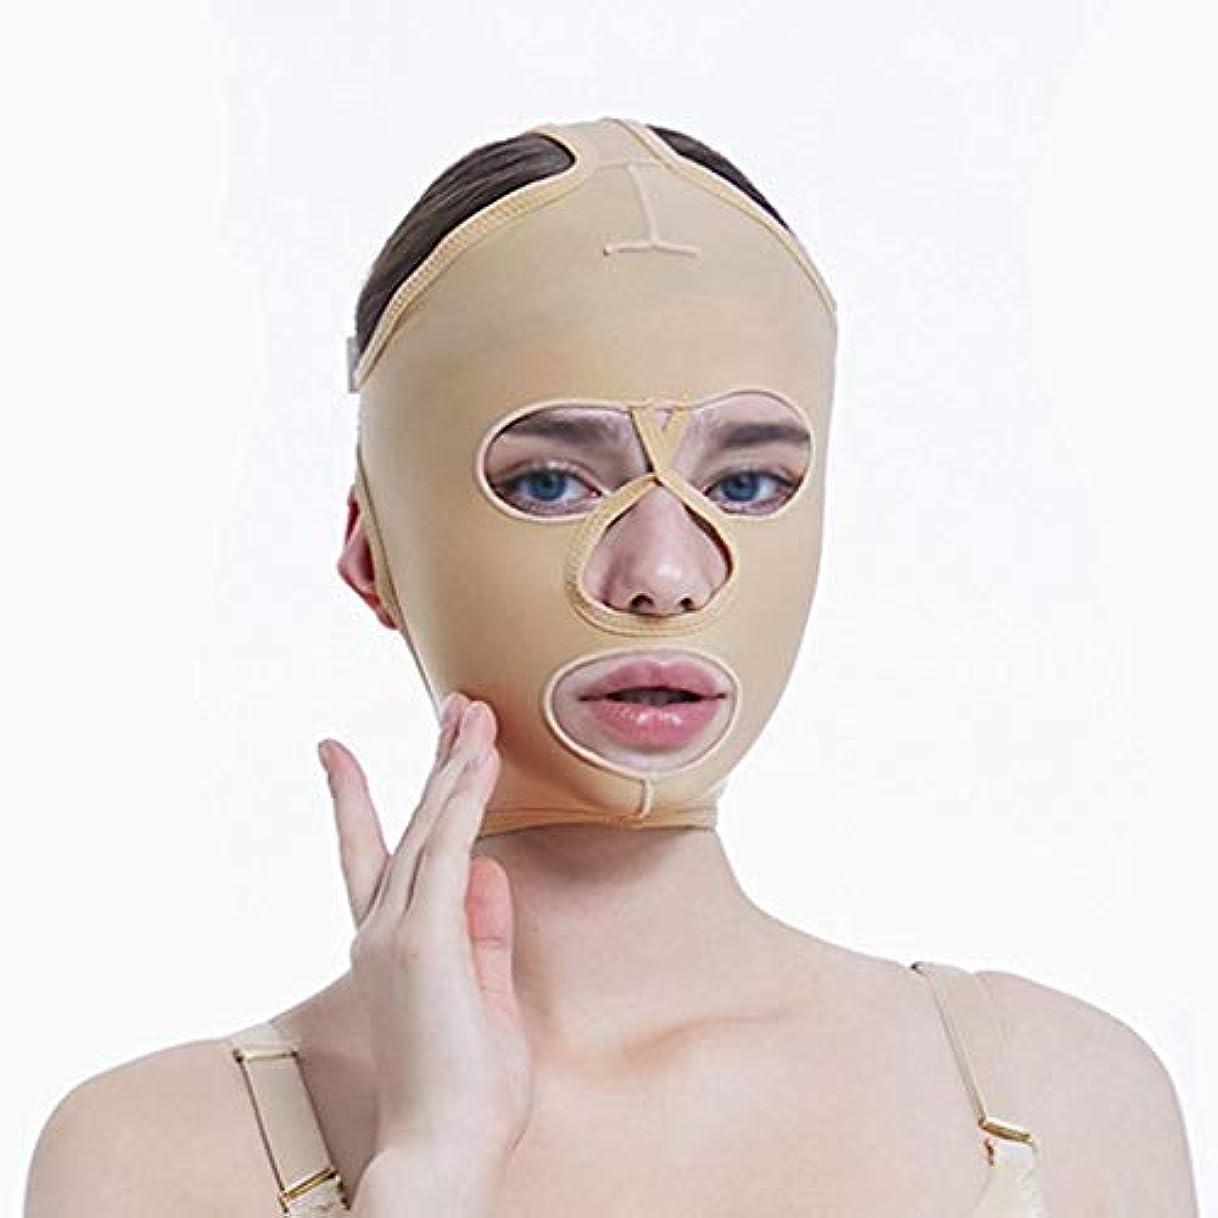 研究フライト取り付けチンリフティングベルト、超薄型ベルト、引き締めマスク、包帯吊り、フェイスリフティングマスク、超薄型ベルト、通気性(サイズ:L),XS